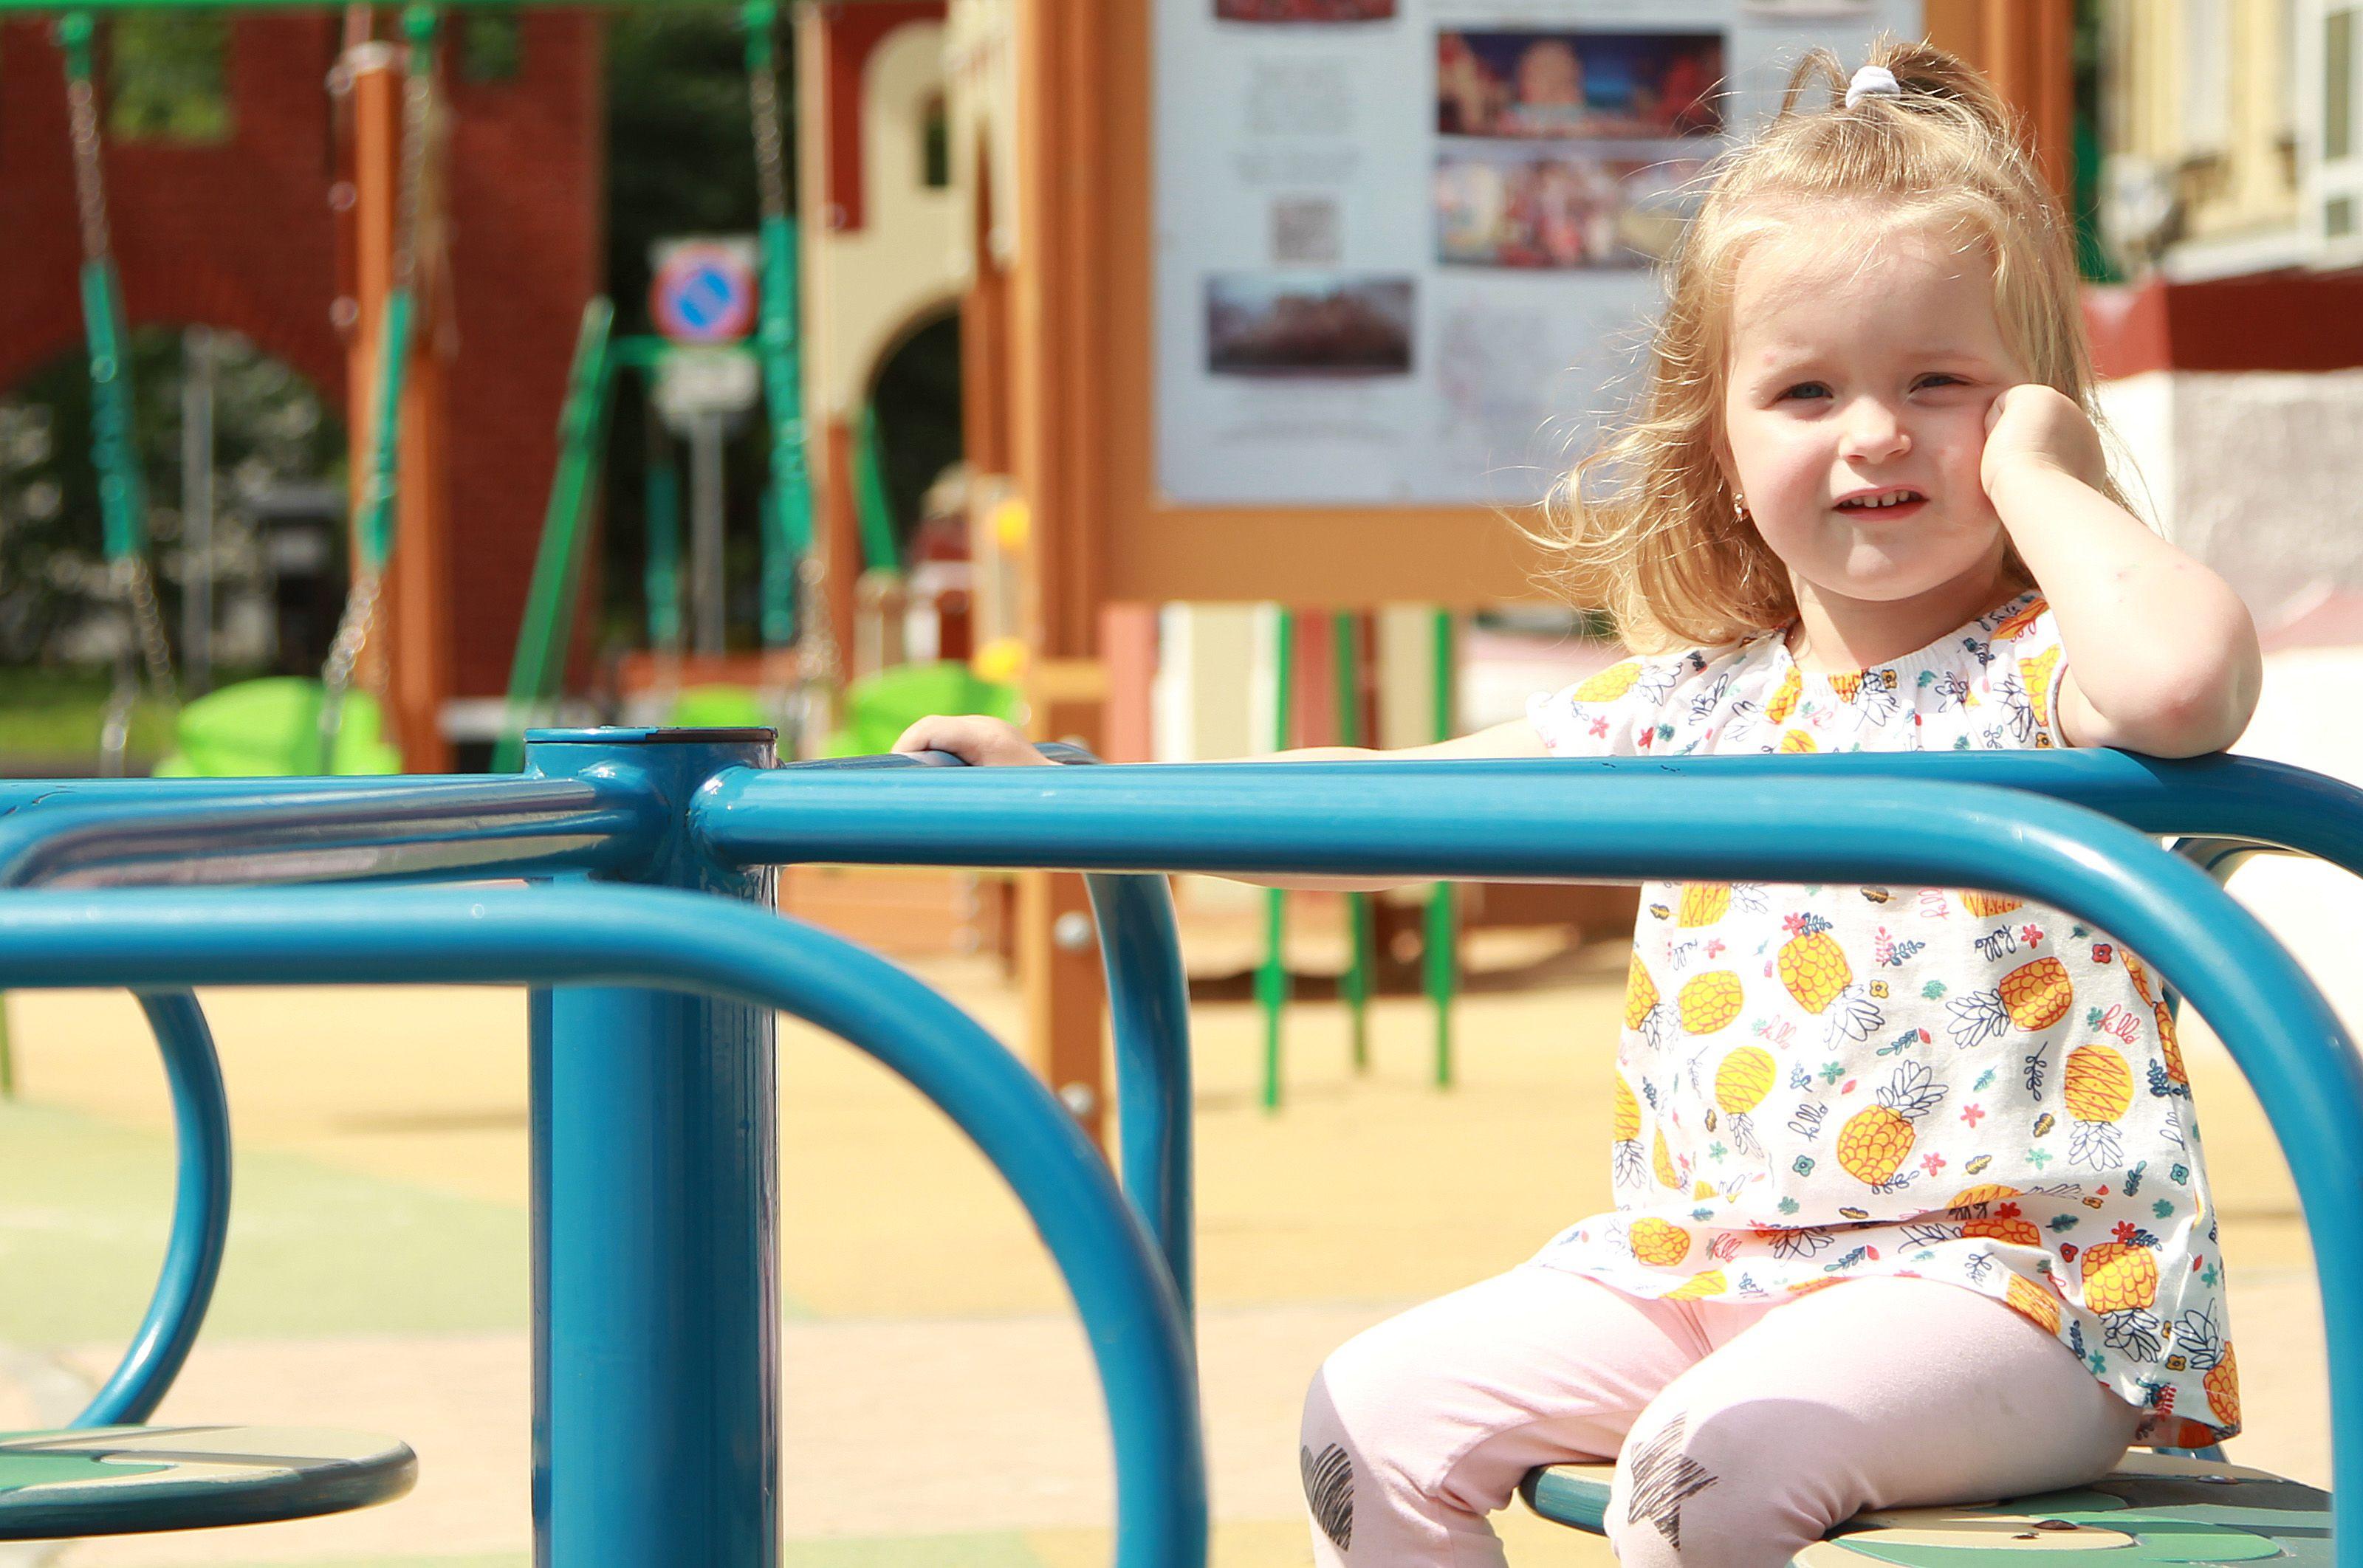 Обустройство детской площадки проведут в Воскресенском